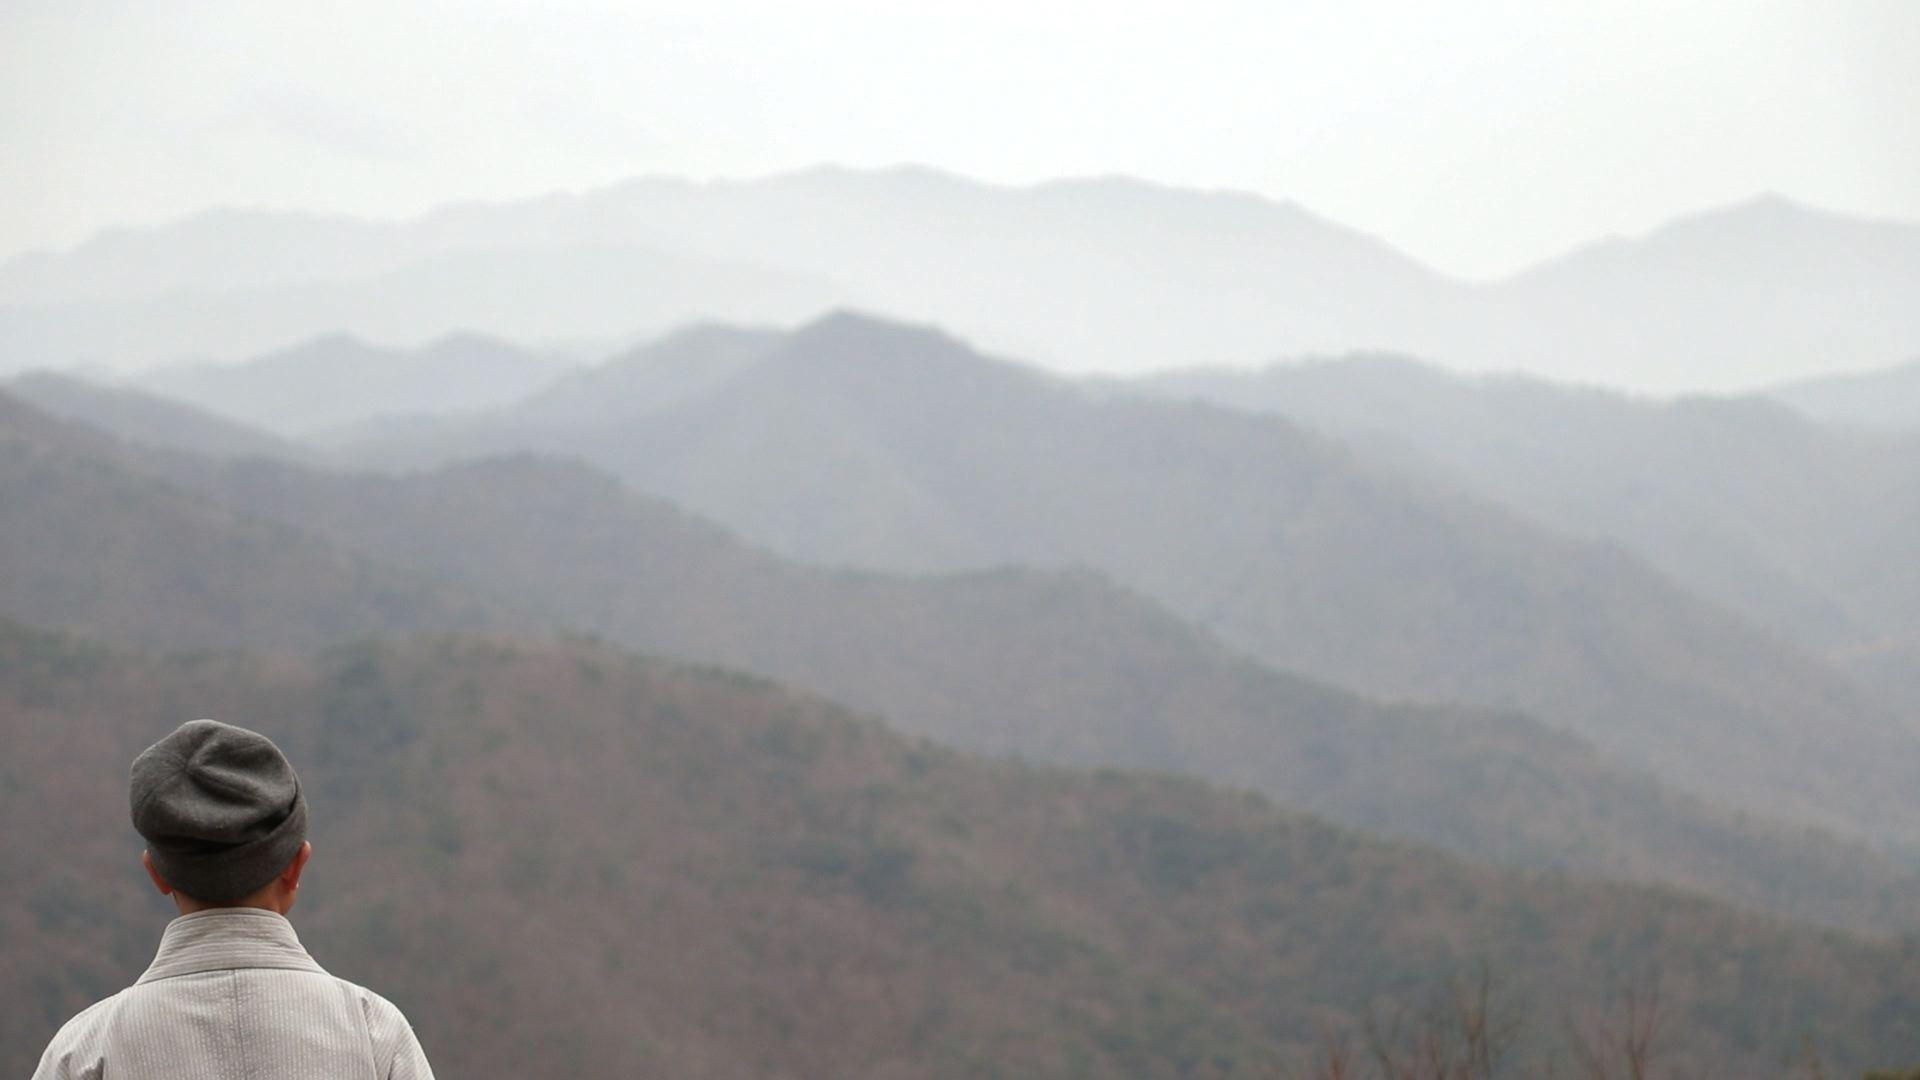 한국기행 [그 겨울의 산사-1부. 밝았구나, 청암사의 새해]